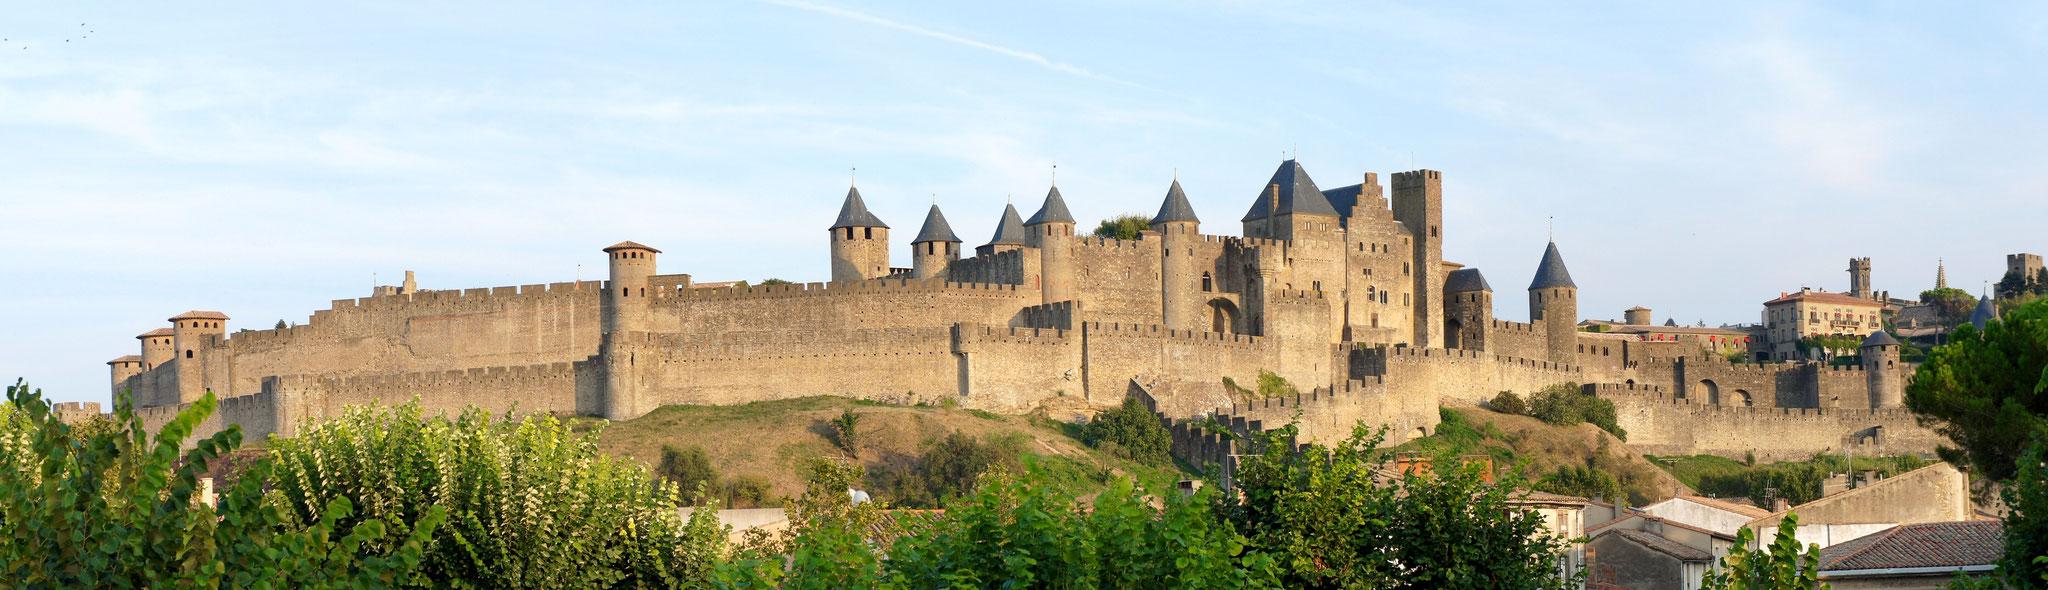 Las murallas de la ciudadela de Carcassone